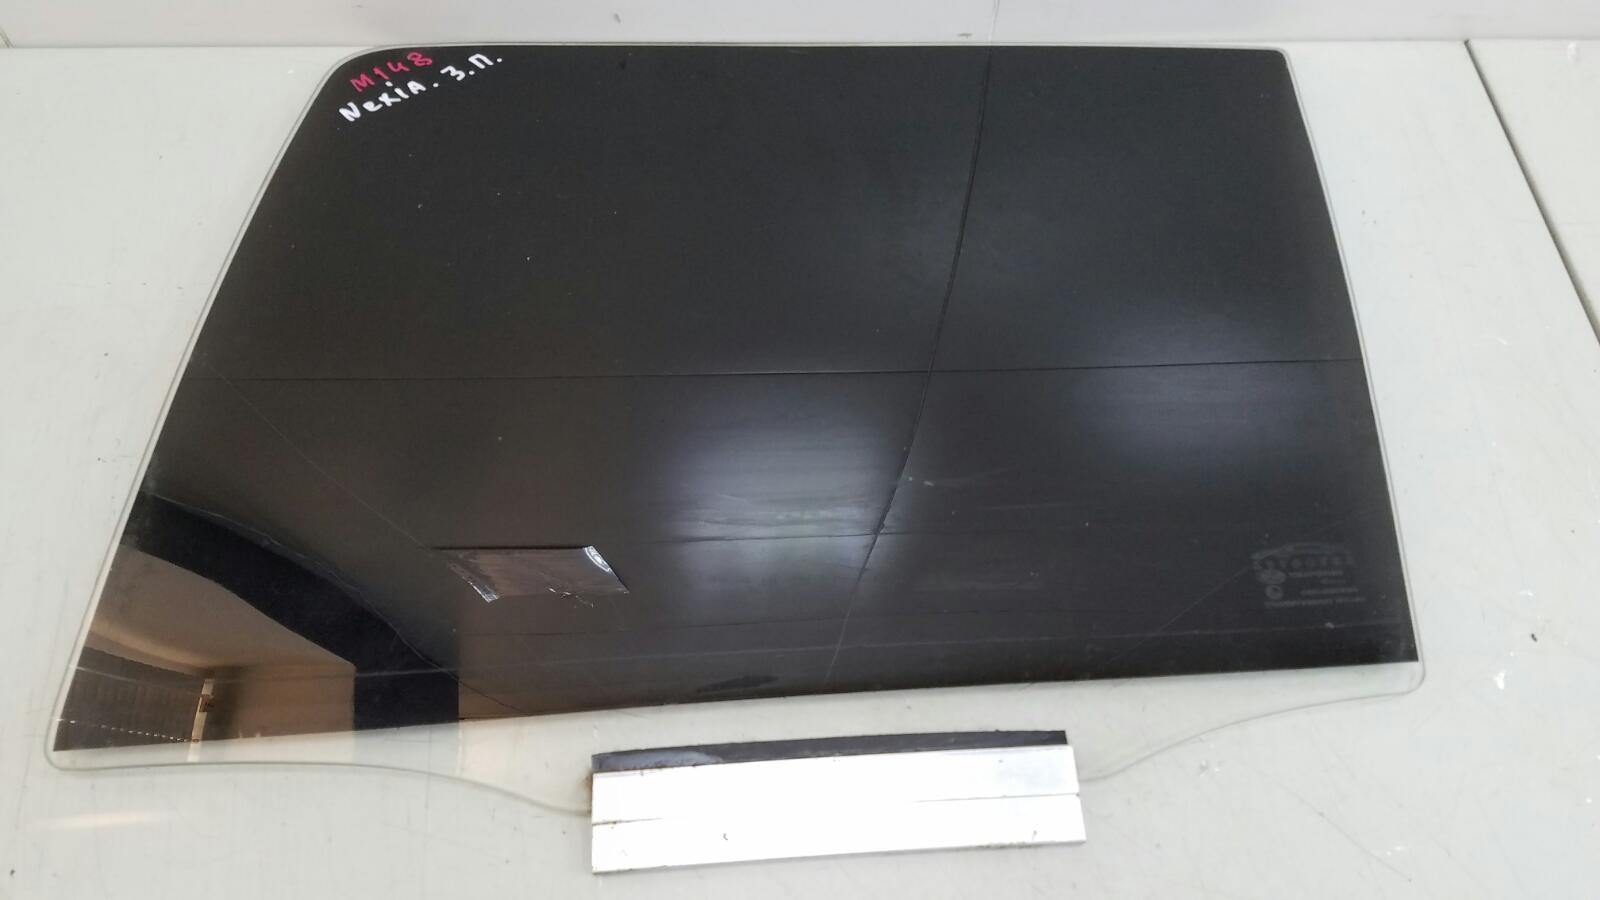 Стекло двери Daewoo Nexia N150 F16D3 1.6L 2012г заднее правое